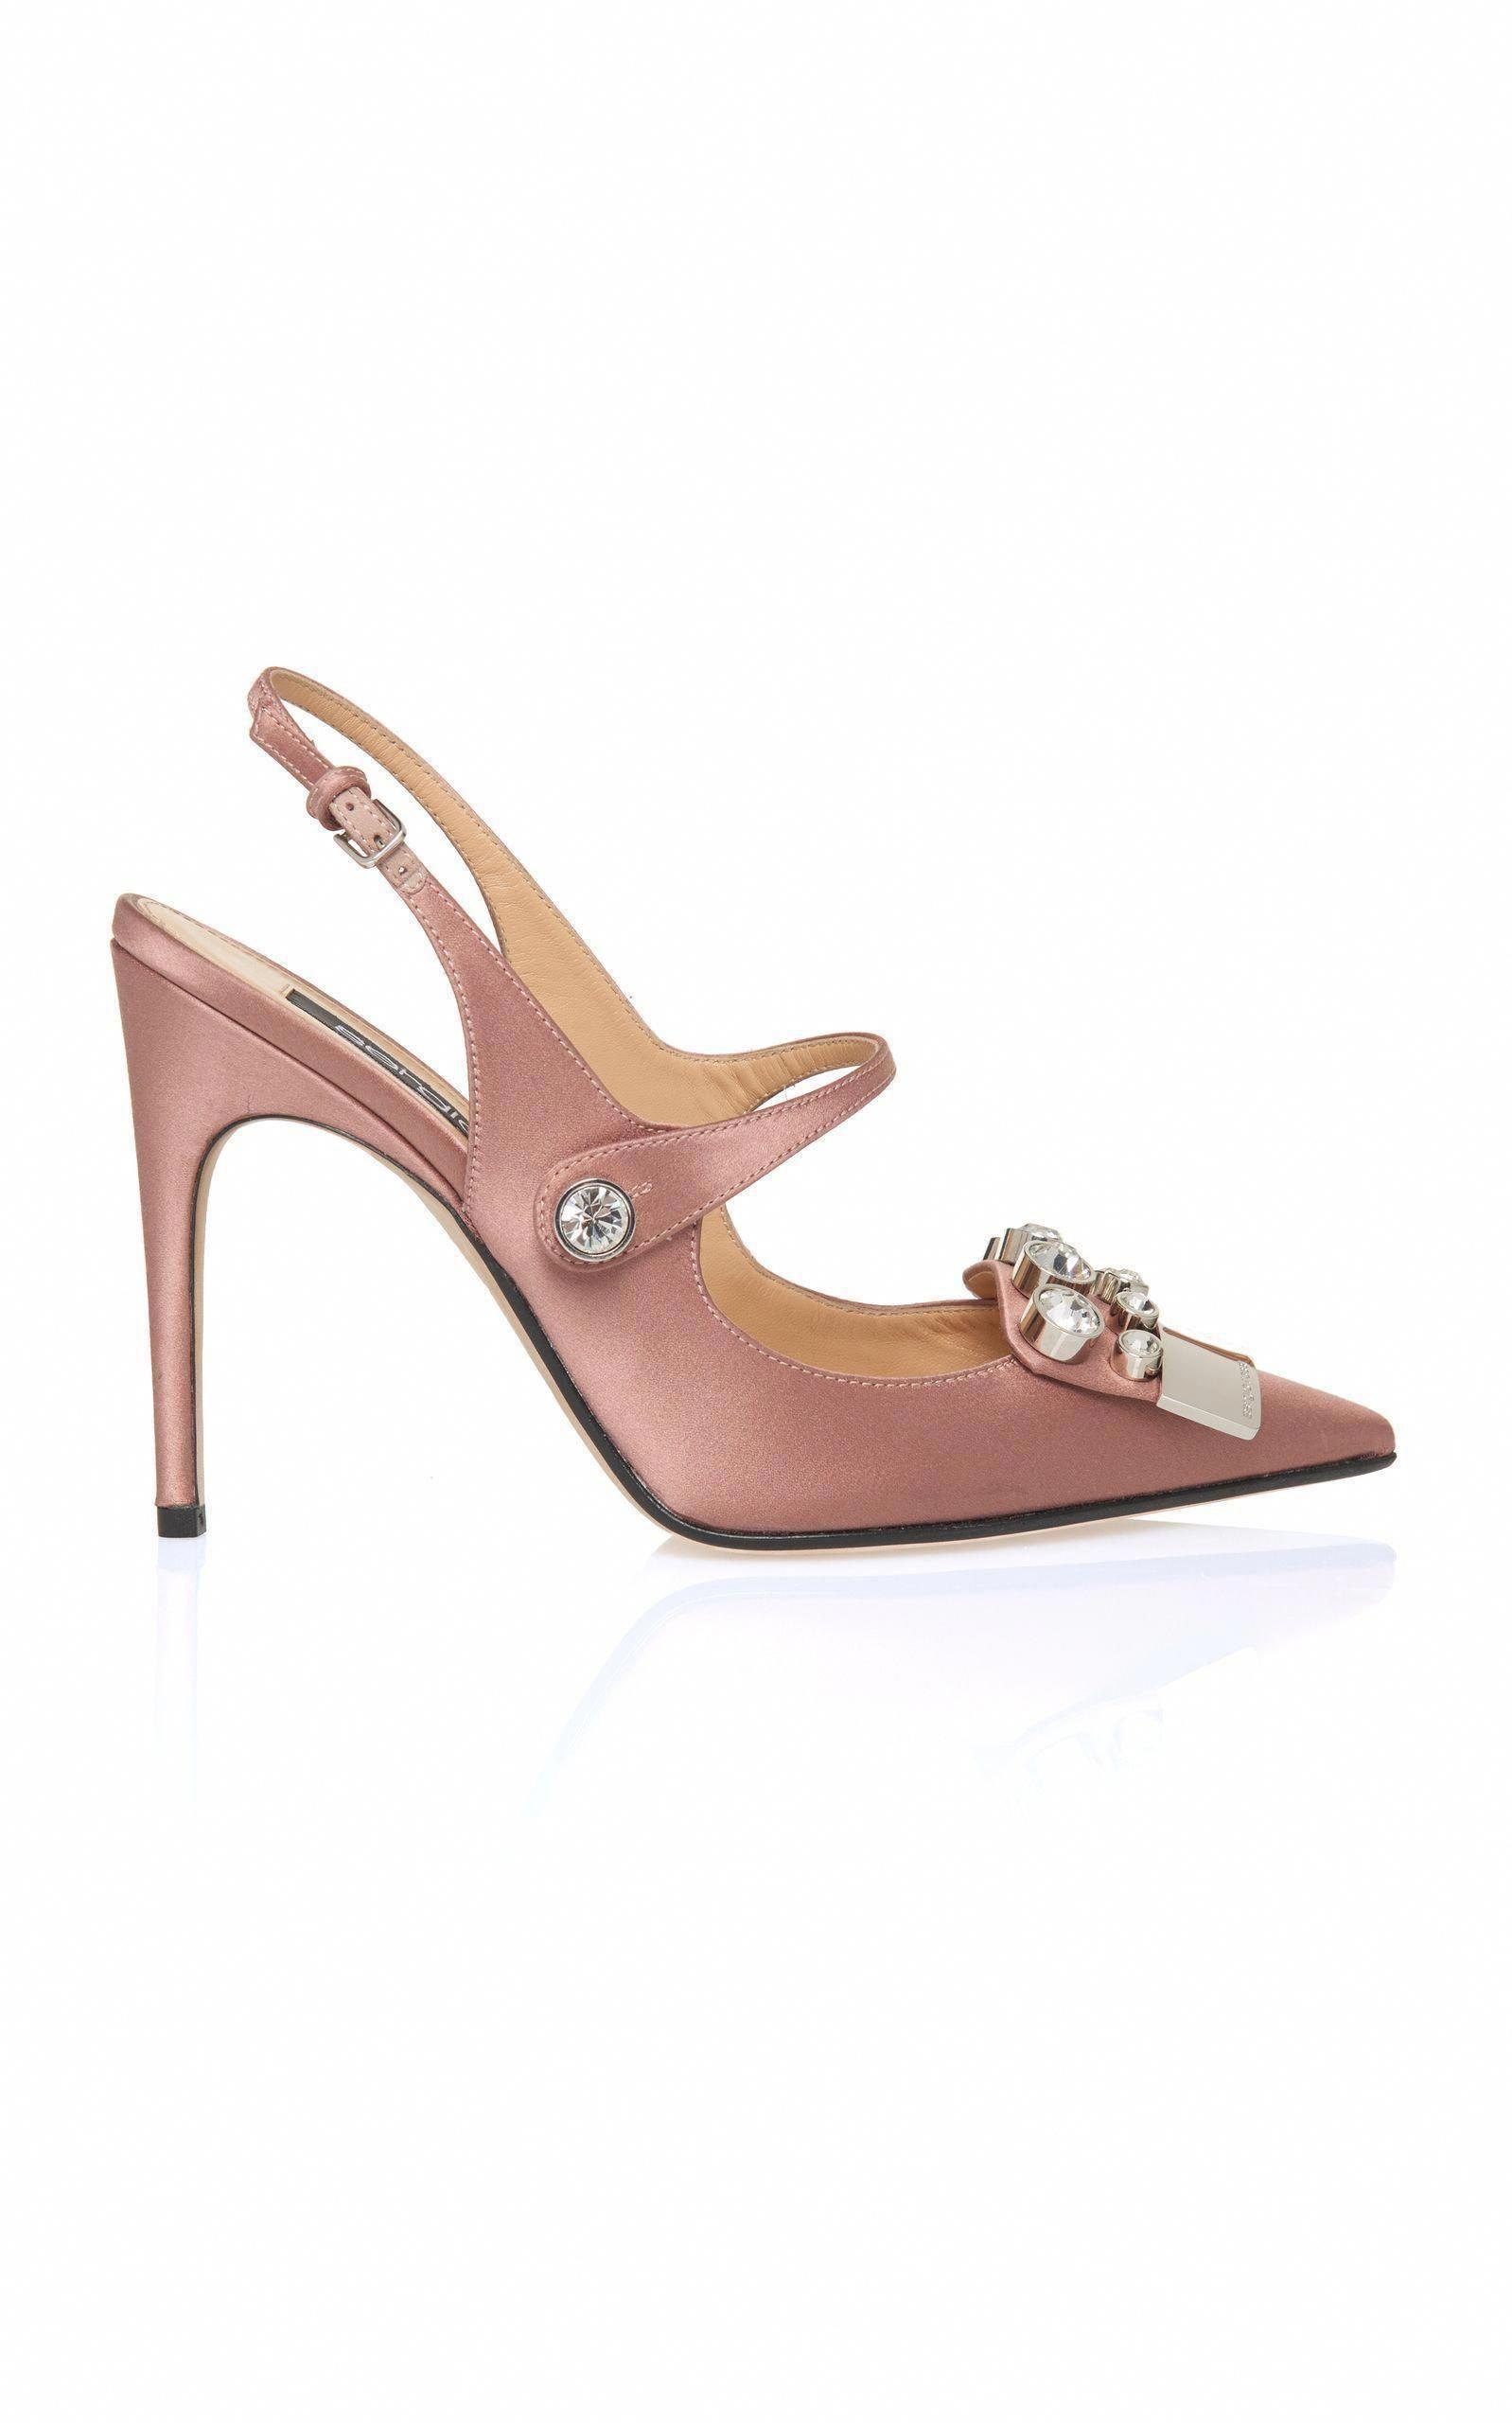 c312e603311 SERGIO ROSSI SR1 SATIN PUMP.  sergiorossi  shoes